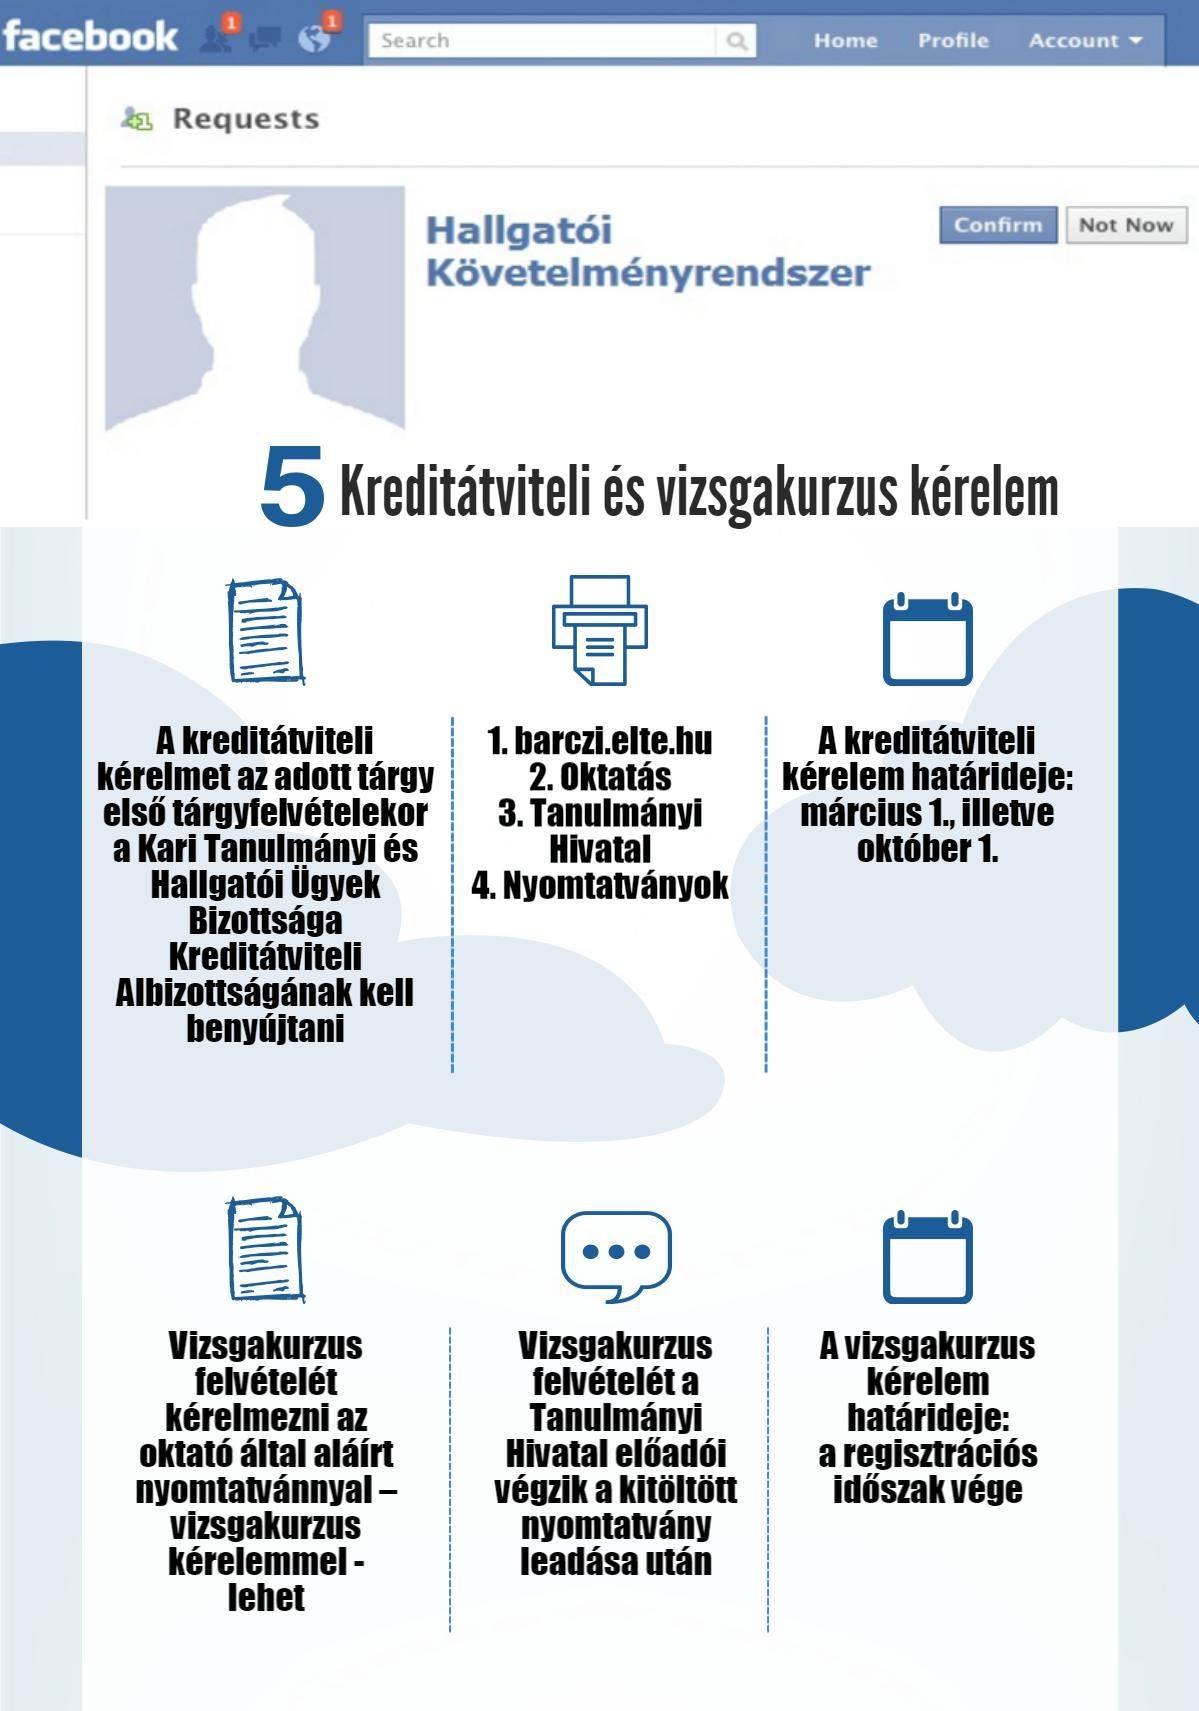 5. kreditátviteli és vizsgakurzus kérelem